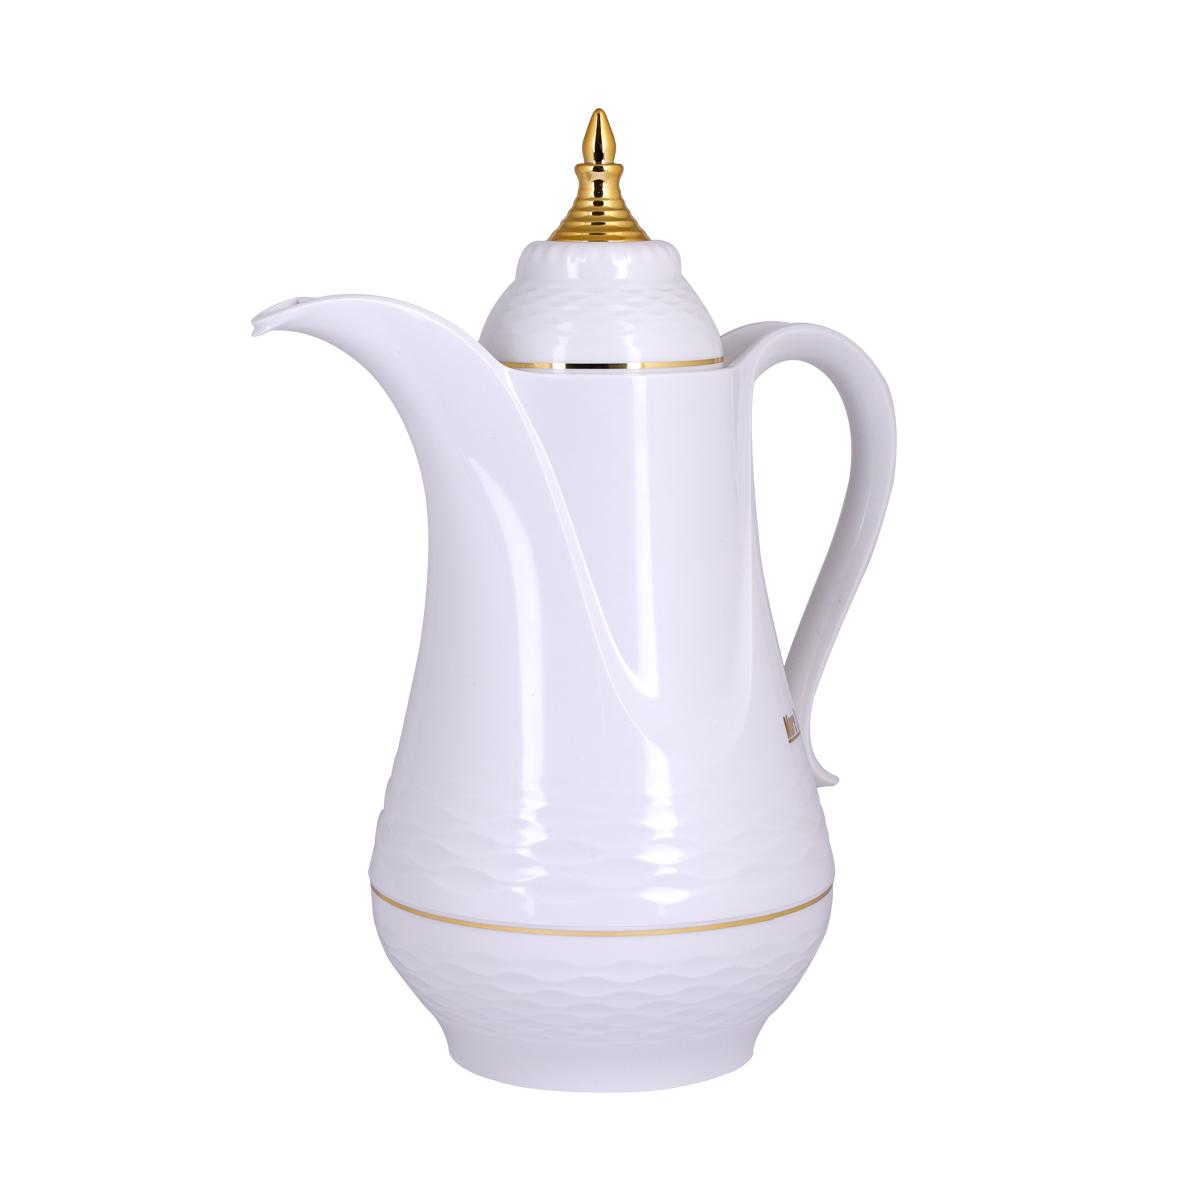 ترمس شاي وقهوة مور تايم - بلاستيك - 1 لتر رقم MY-30031